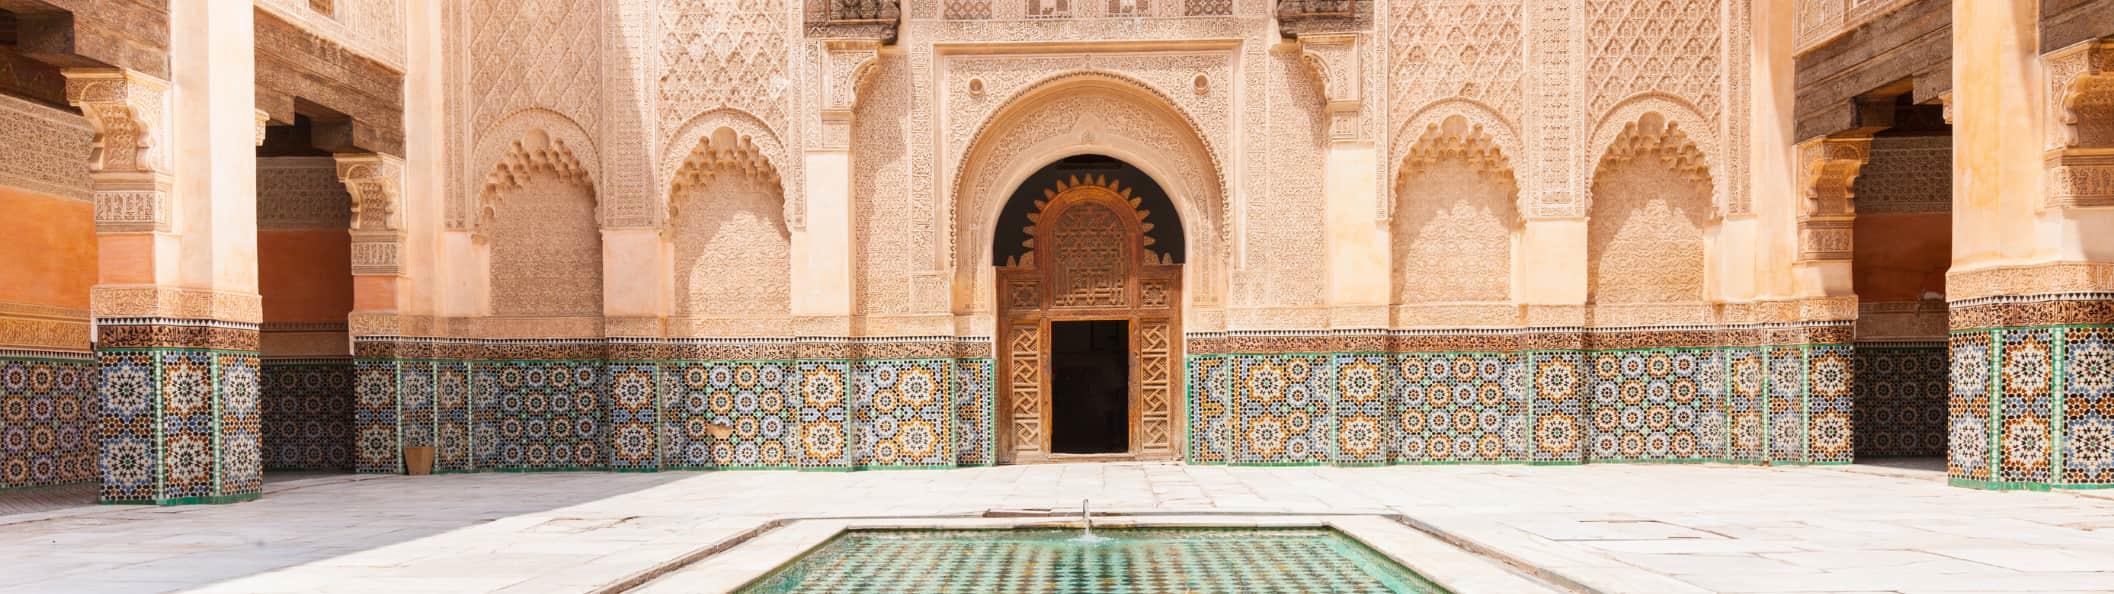 madrasa de ben youssef, Descubriendo la Madrasa de Ben Youssef, la más grande de Marrakech